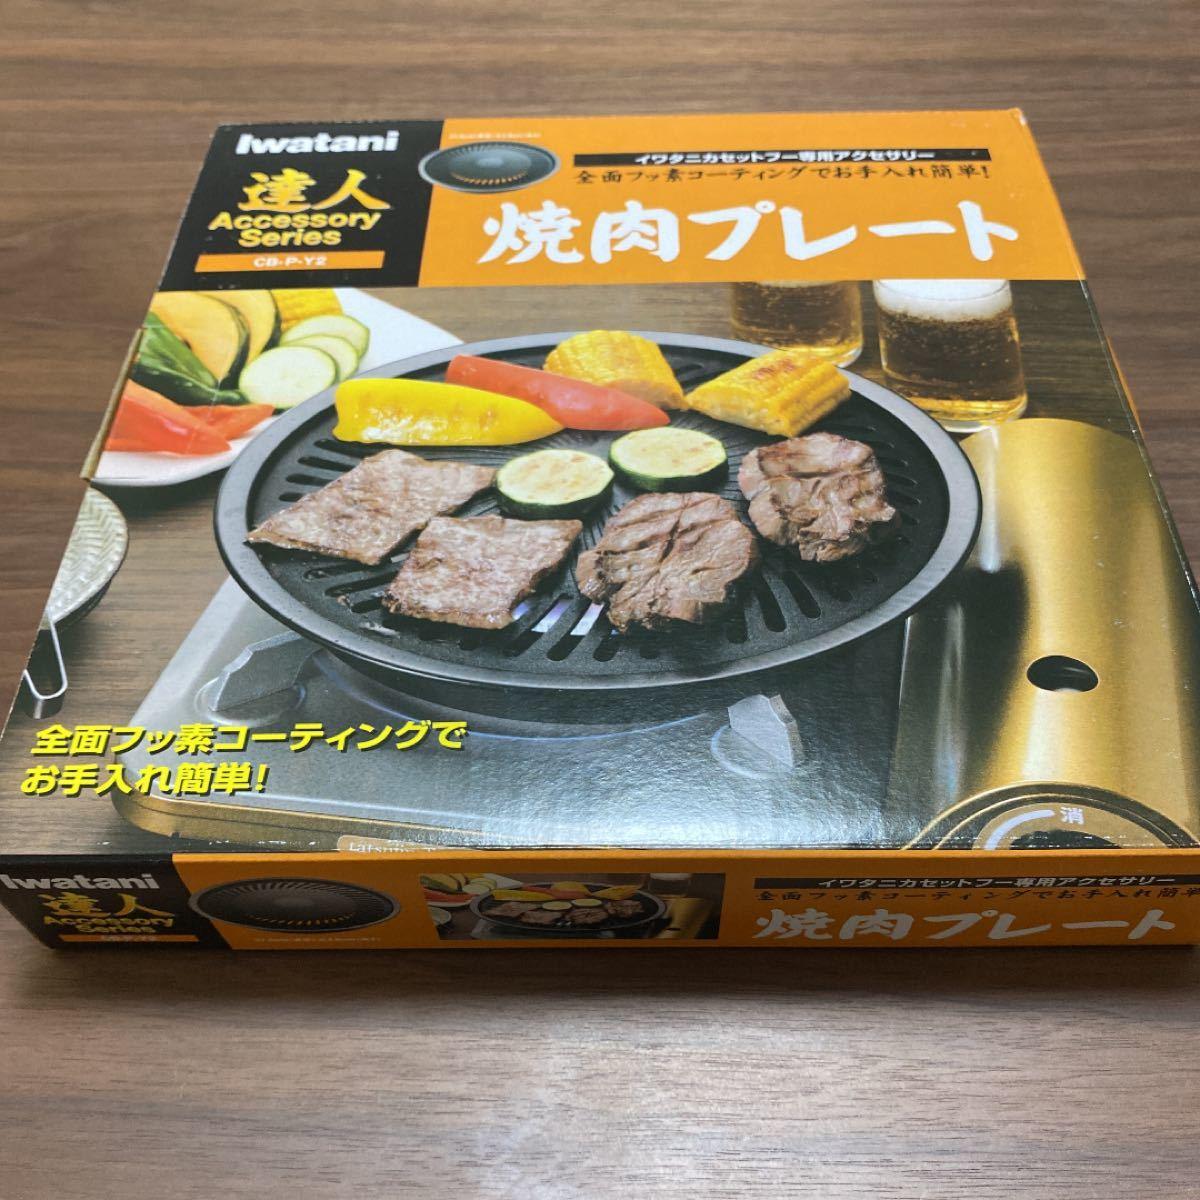 イワタニ 焼肉プレート、たこ焼きプレート セット販売